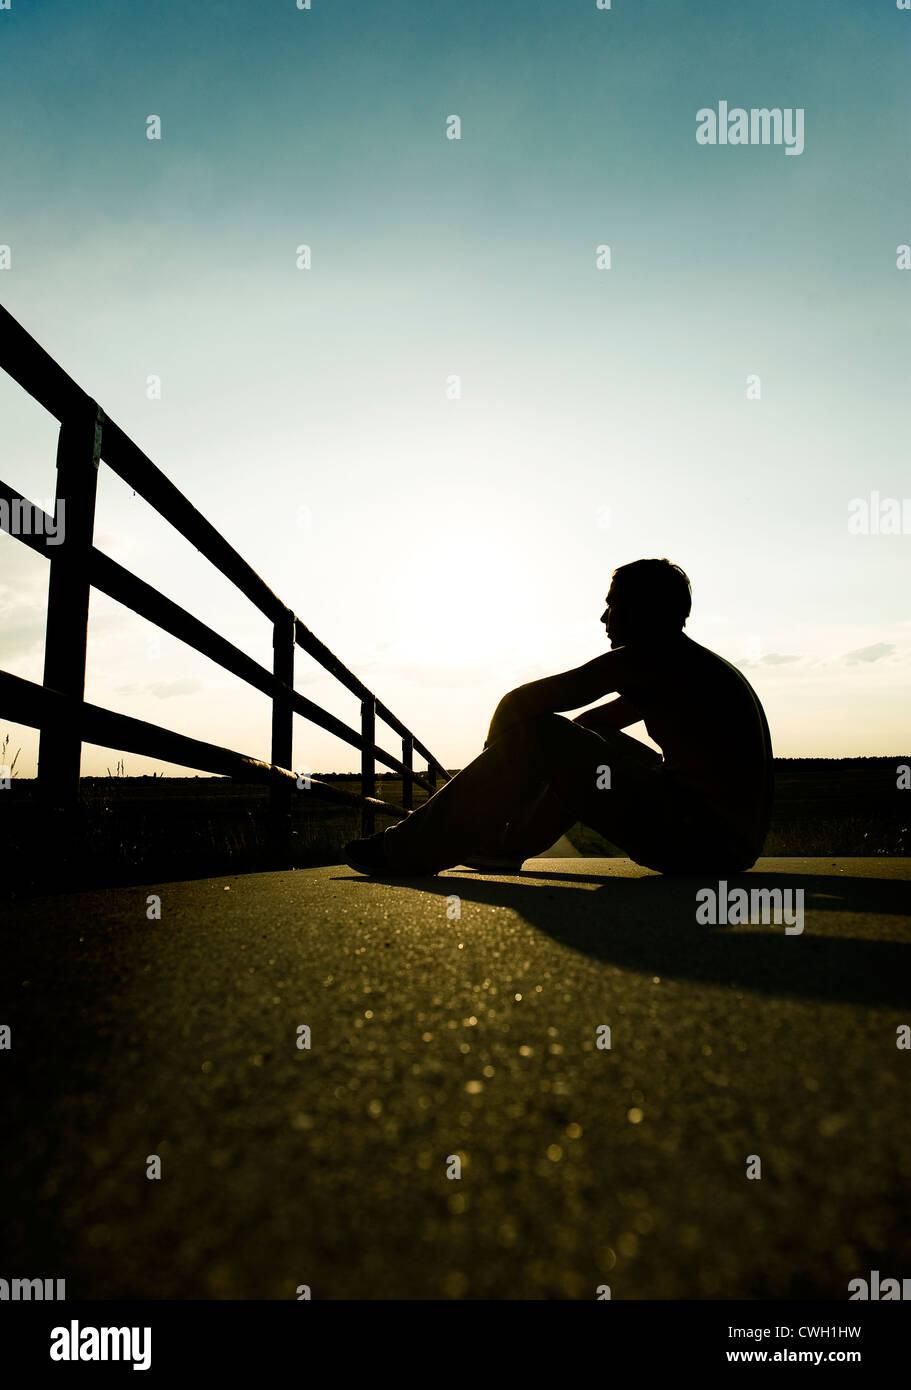 La solitudine,la solitudine,silhouette Immagini Stock